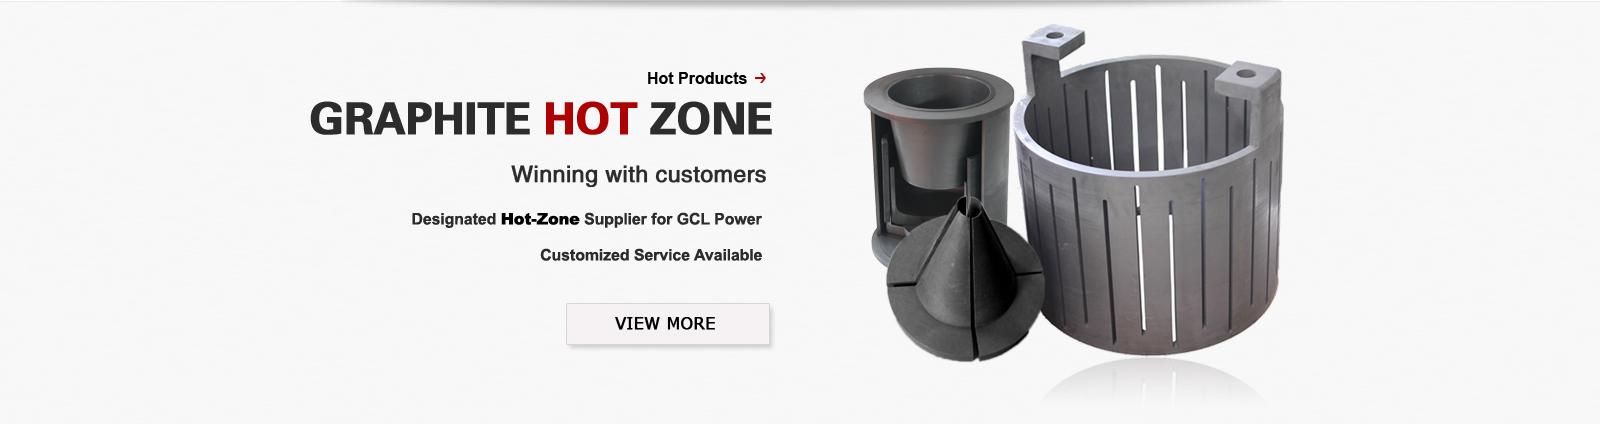 graphite hot zone